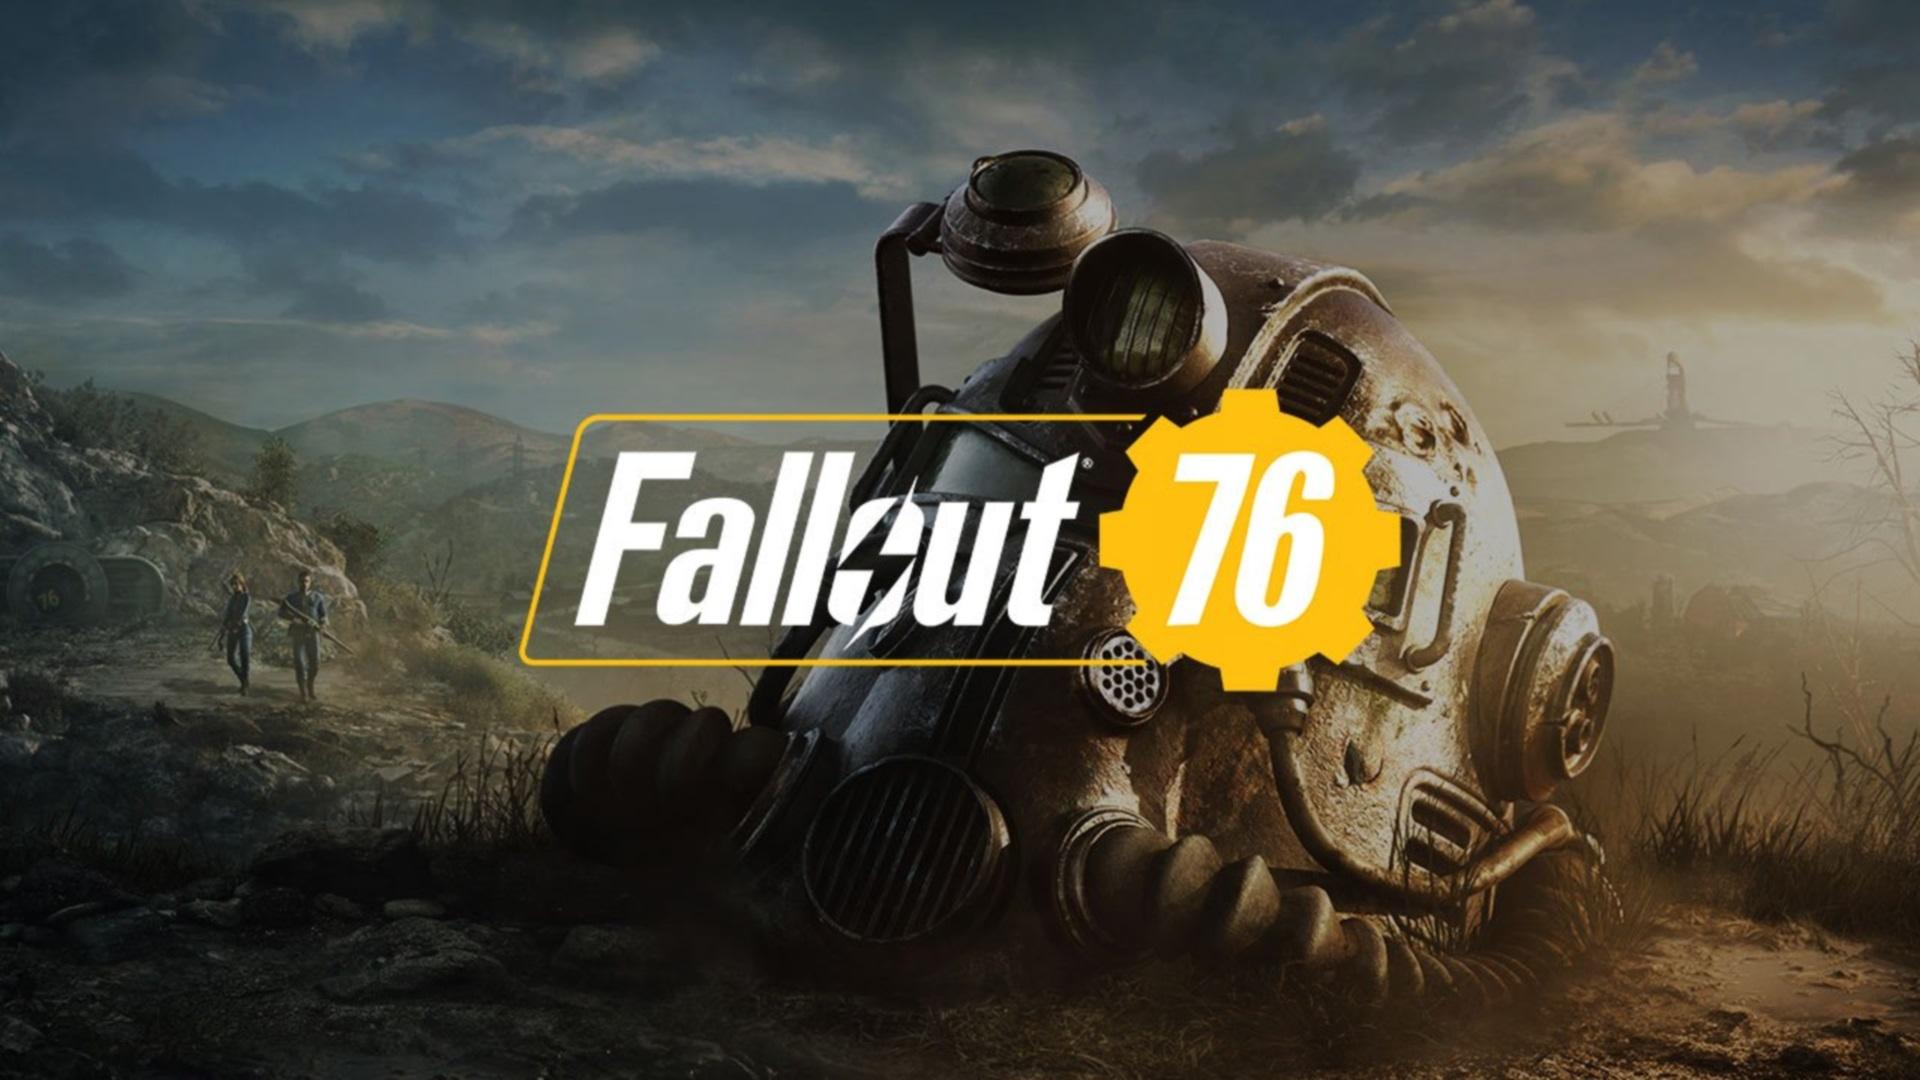 FALLOUT 76 Juega GRATIS por tiempo limitado PS4/XBOX ONE/PC